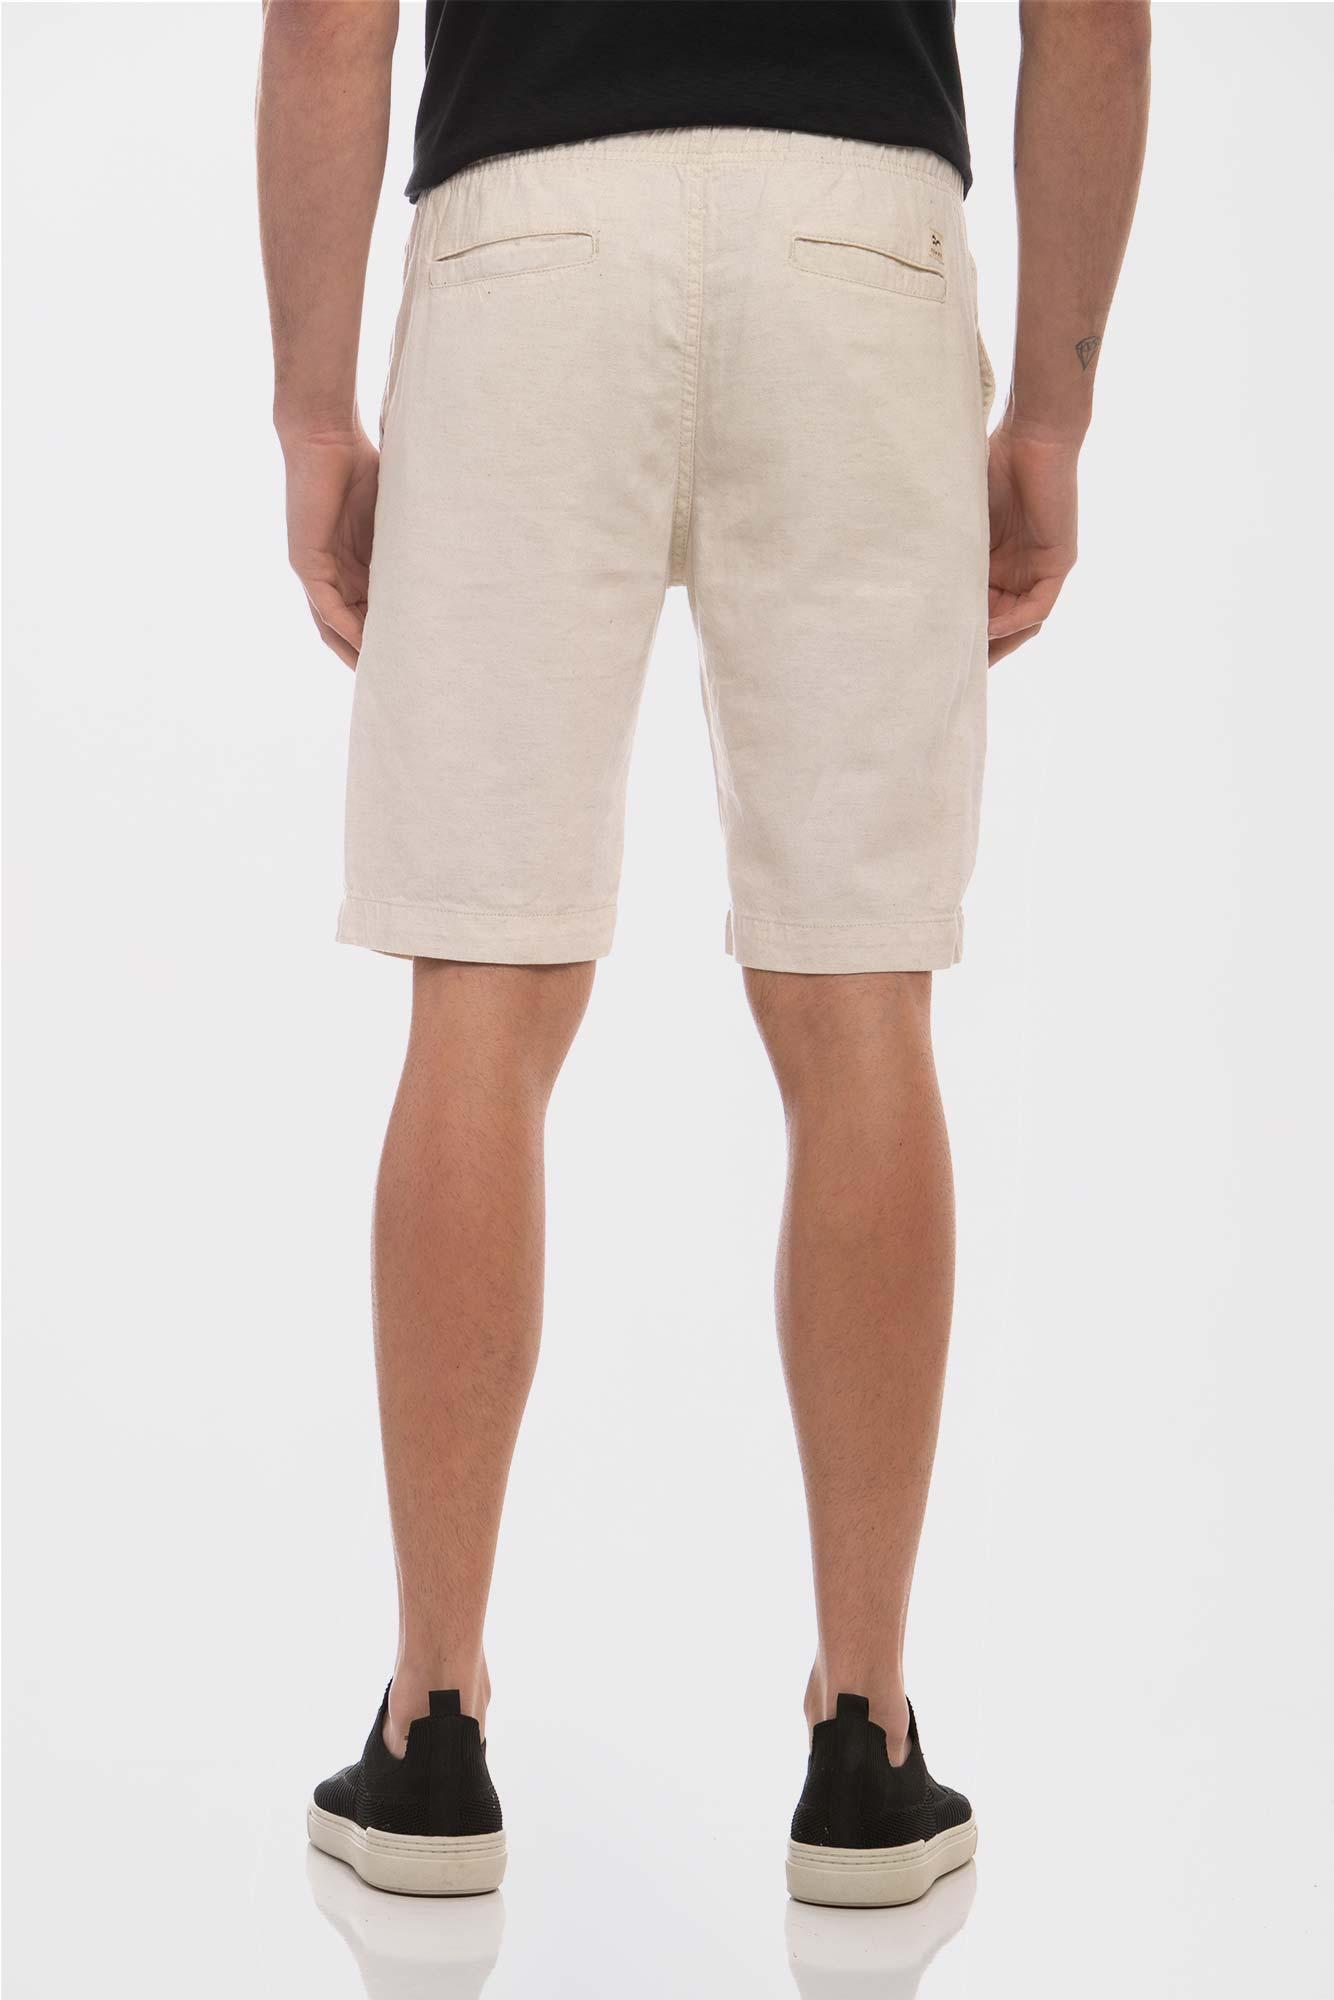 Bermuda Cotton Linho Natural